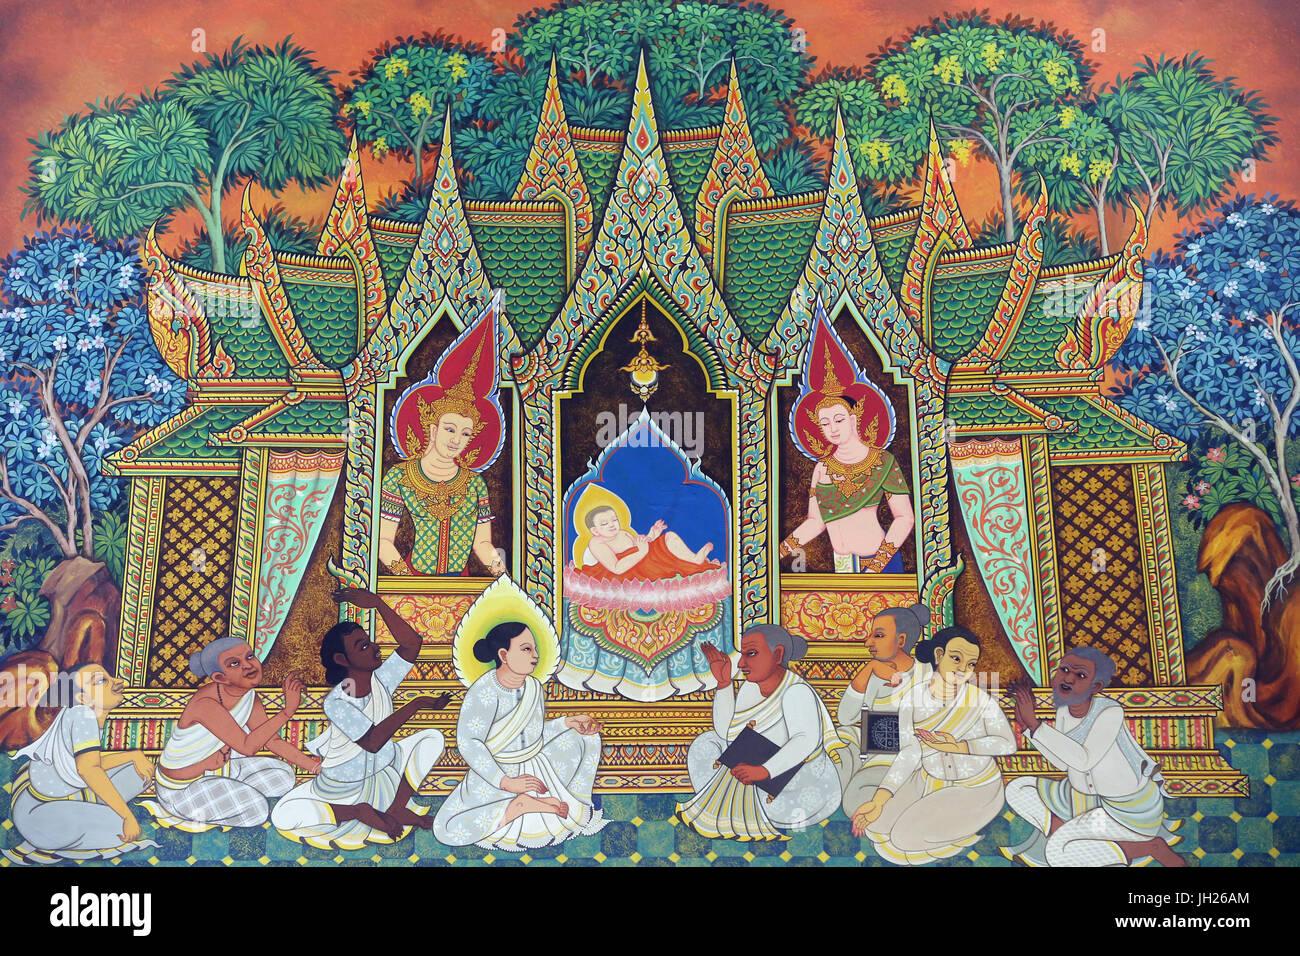 Wat Ananda Metyarama Templo Budista Tailandesa. Nacimiento de Siddhartha  Gautama (comúnmente conocido como Buda). Singapur Fotografía de stock -  Alamy